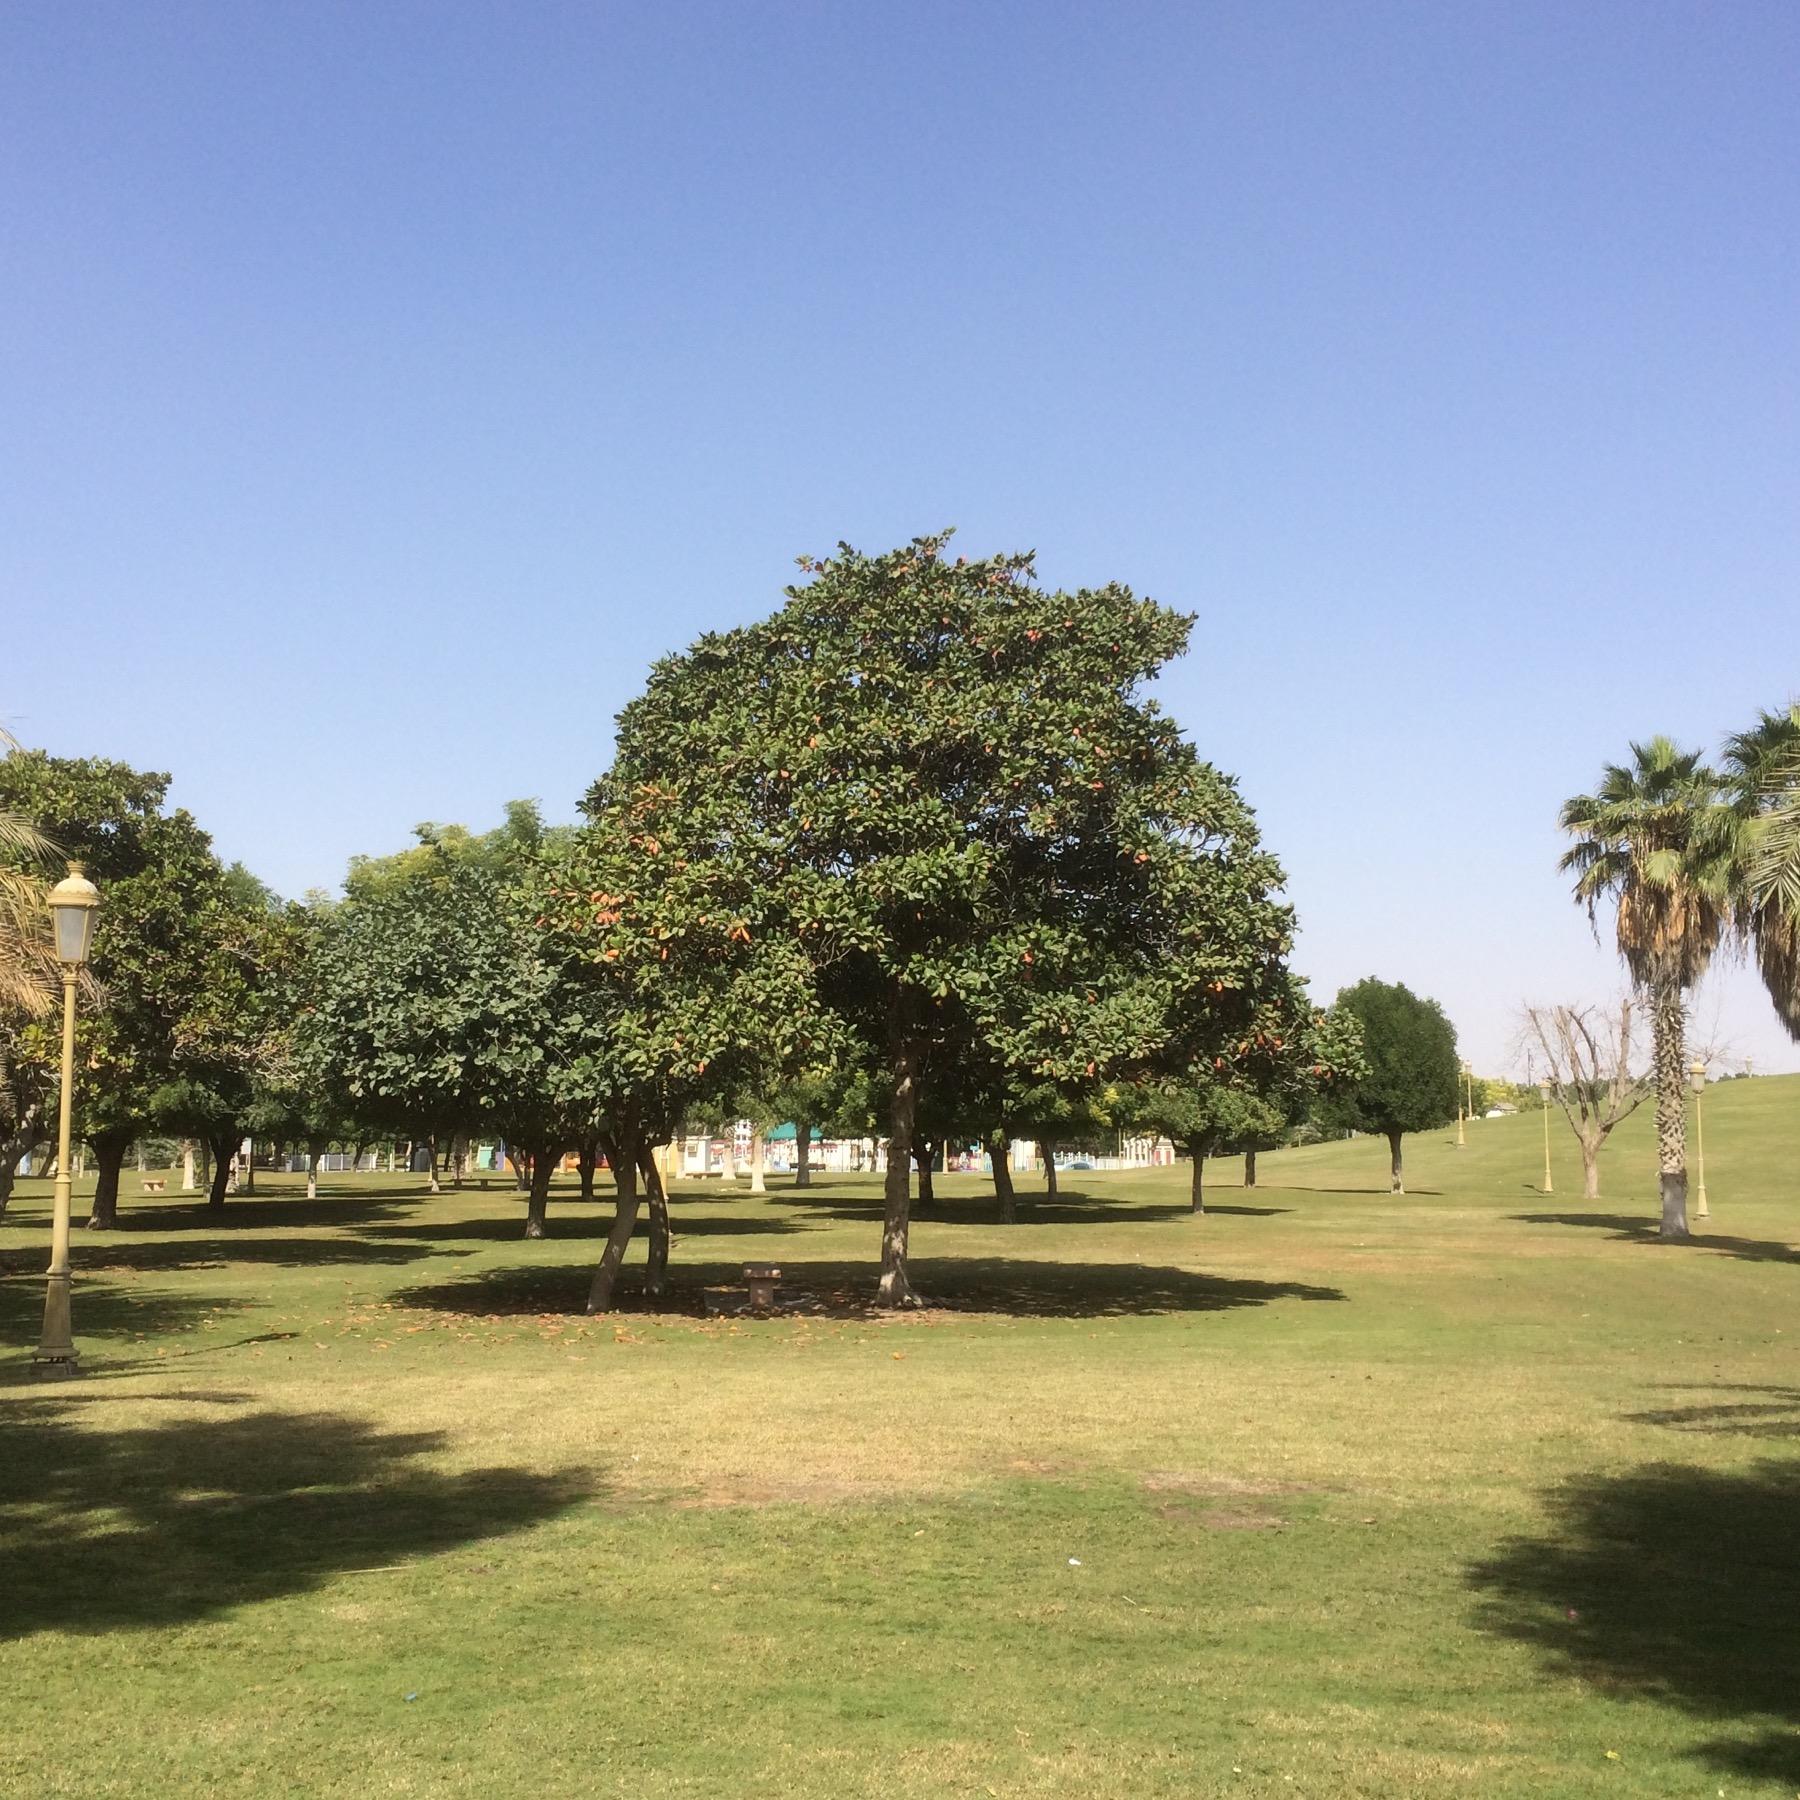 Sharjah National Park - 4